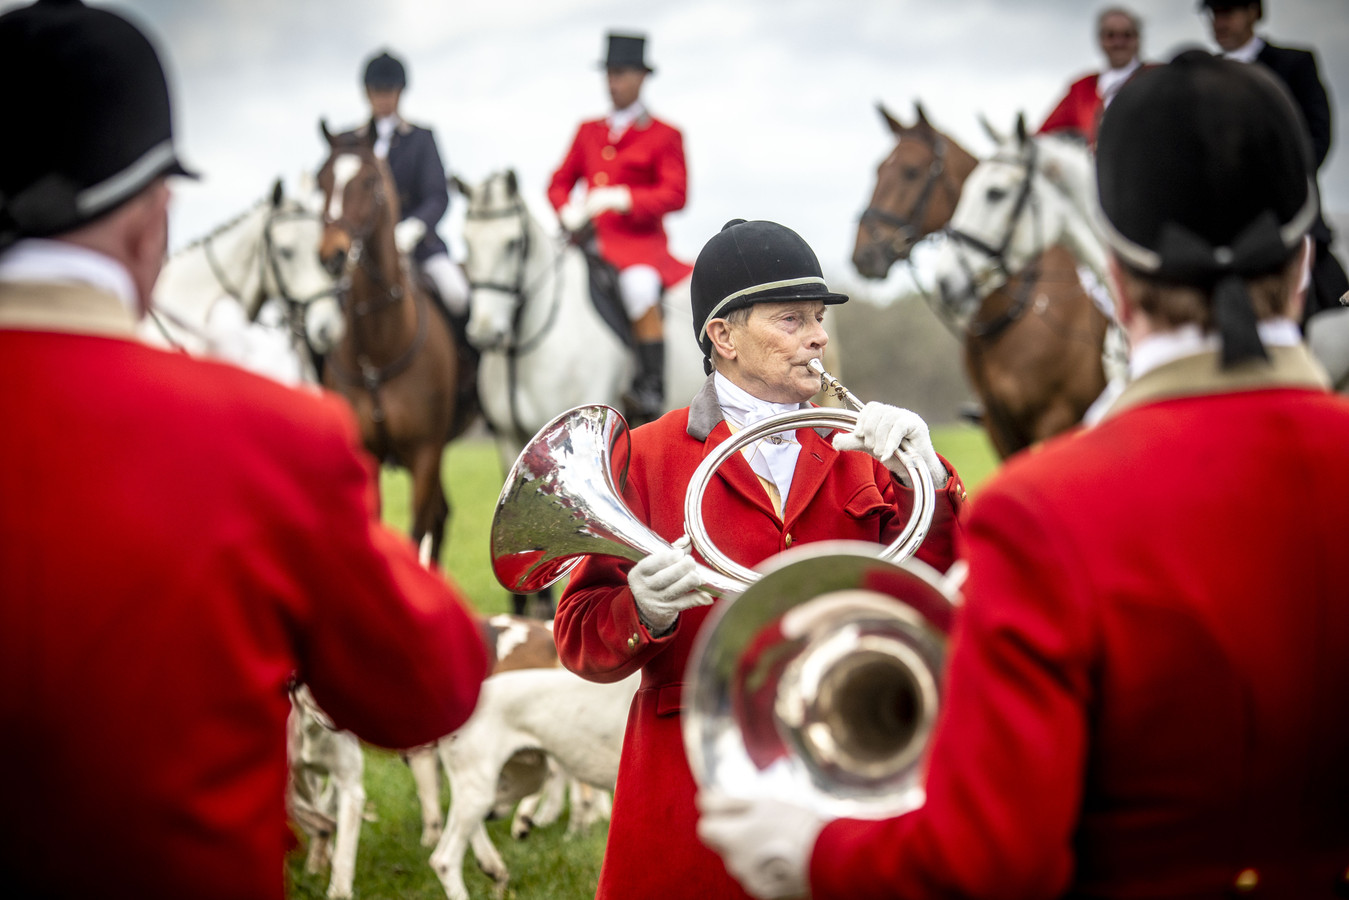 Beelden vlak voor begin jubileumjacht 100-jarige Koninklijke Nederlandse Jachtvereniging.